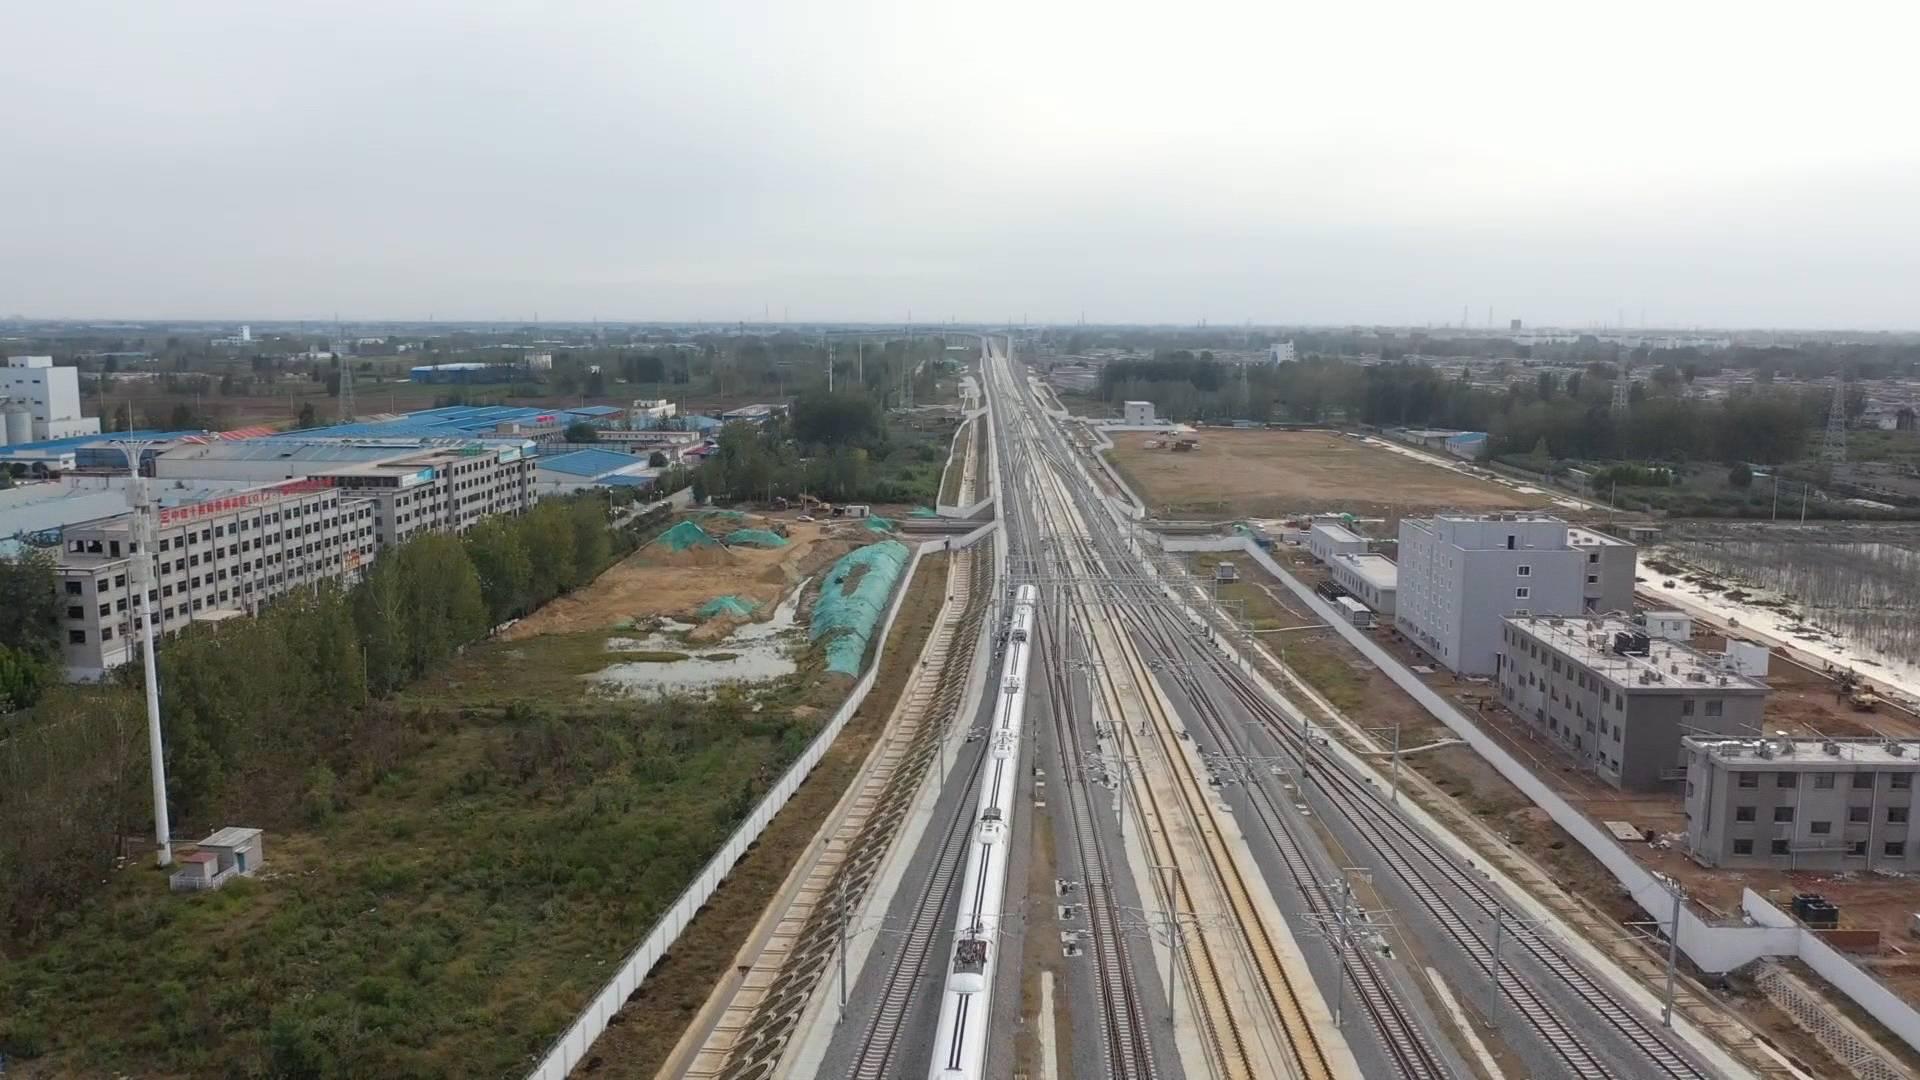 山东元旦假期公路铁路运行平稳 去年下半年新增15条高速缓解交通压力